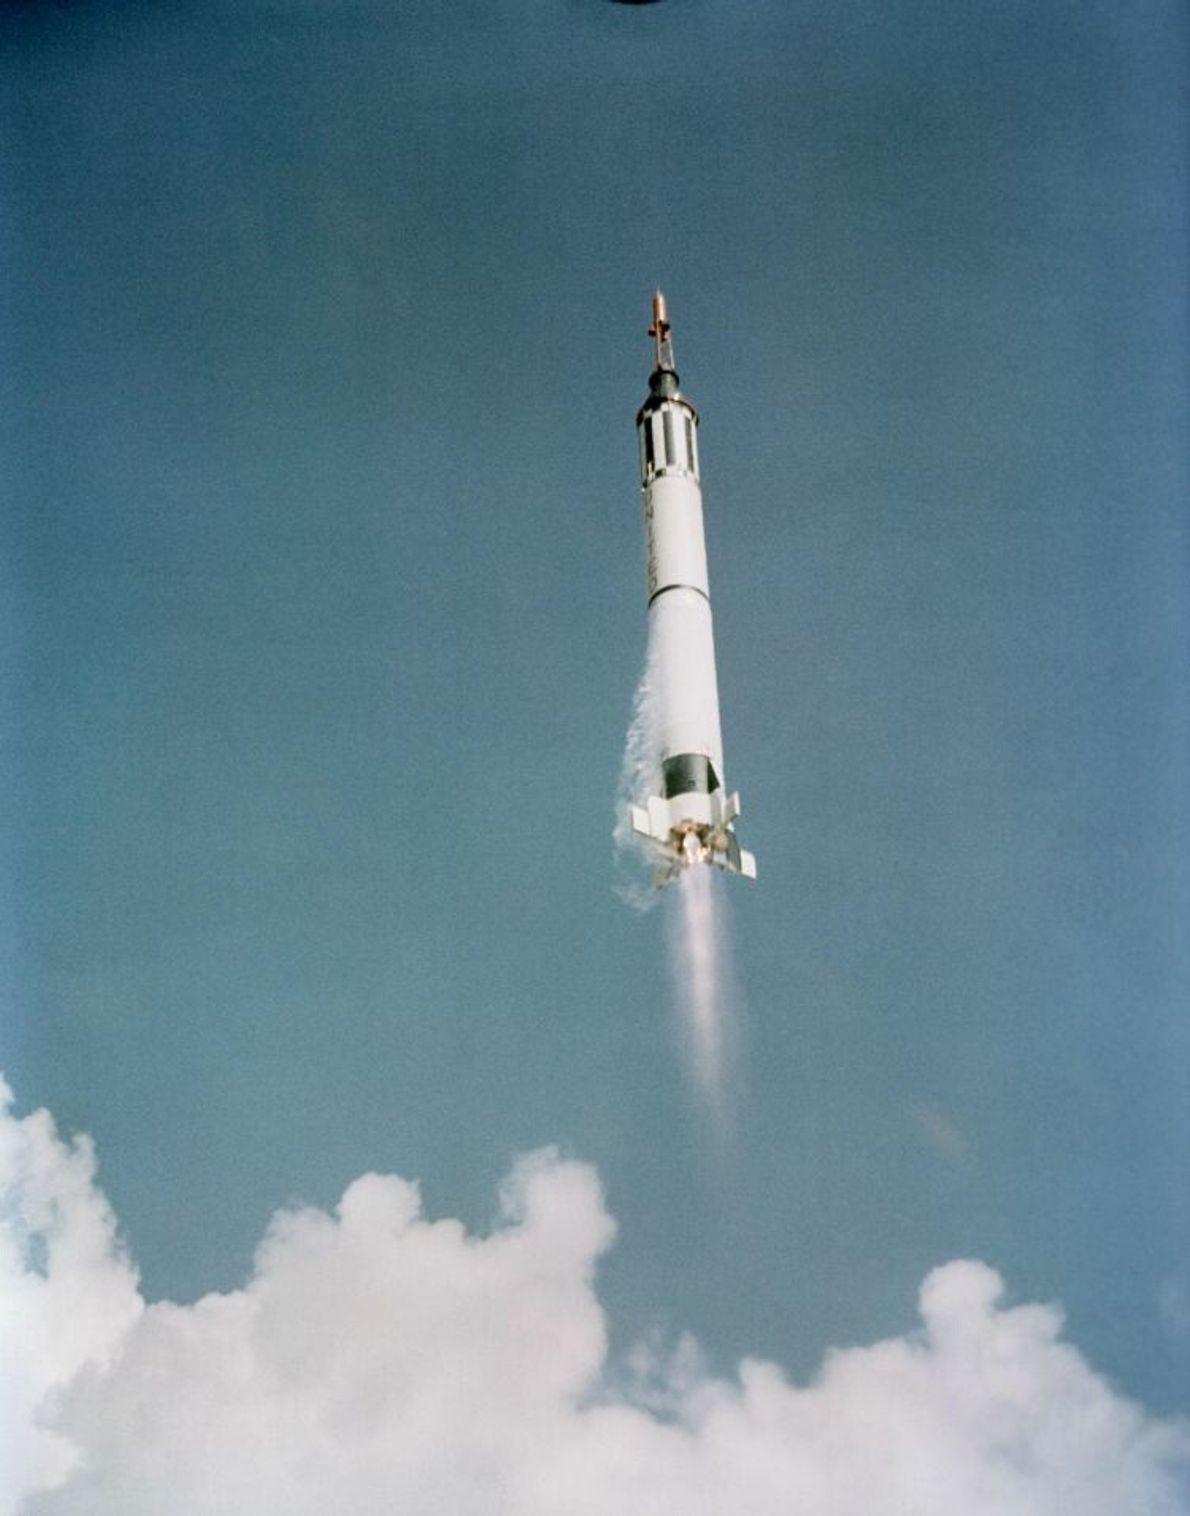 Alan Shepard startet in der Freedom-7-Kapsel auf der Mercury-Redstone 3 am 5. Mai 1961. Shepard wurde ...